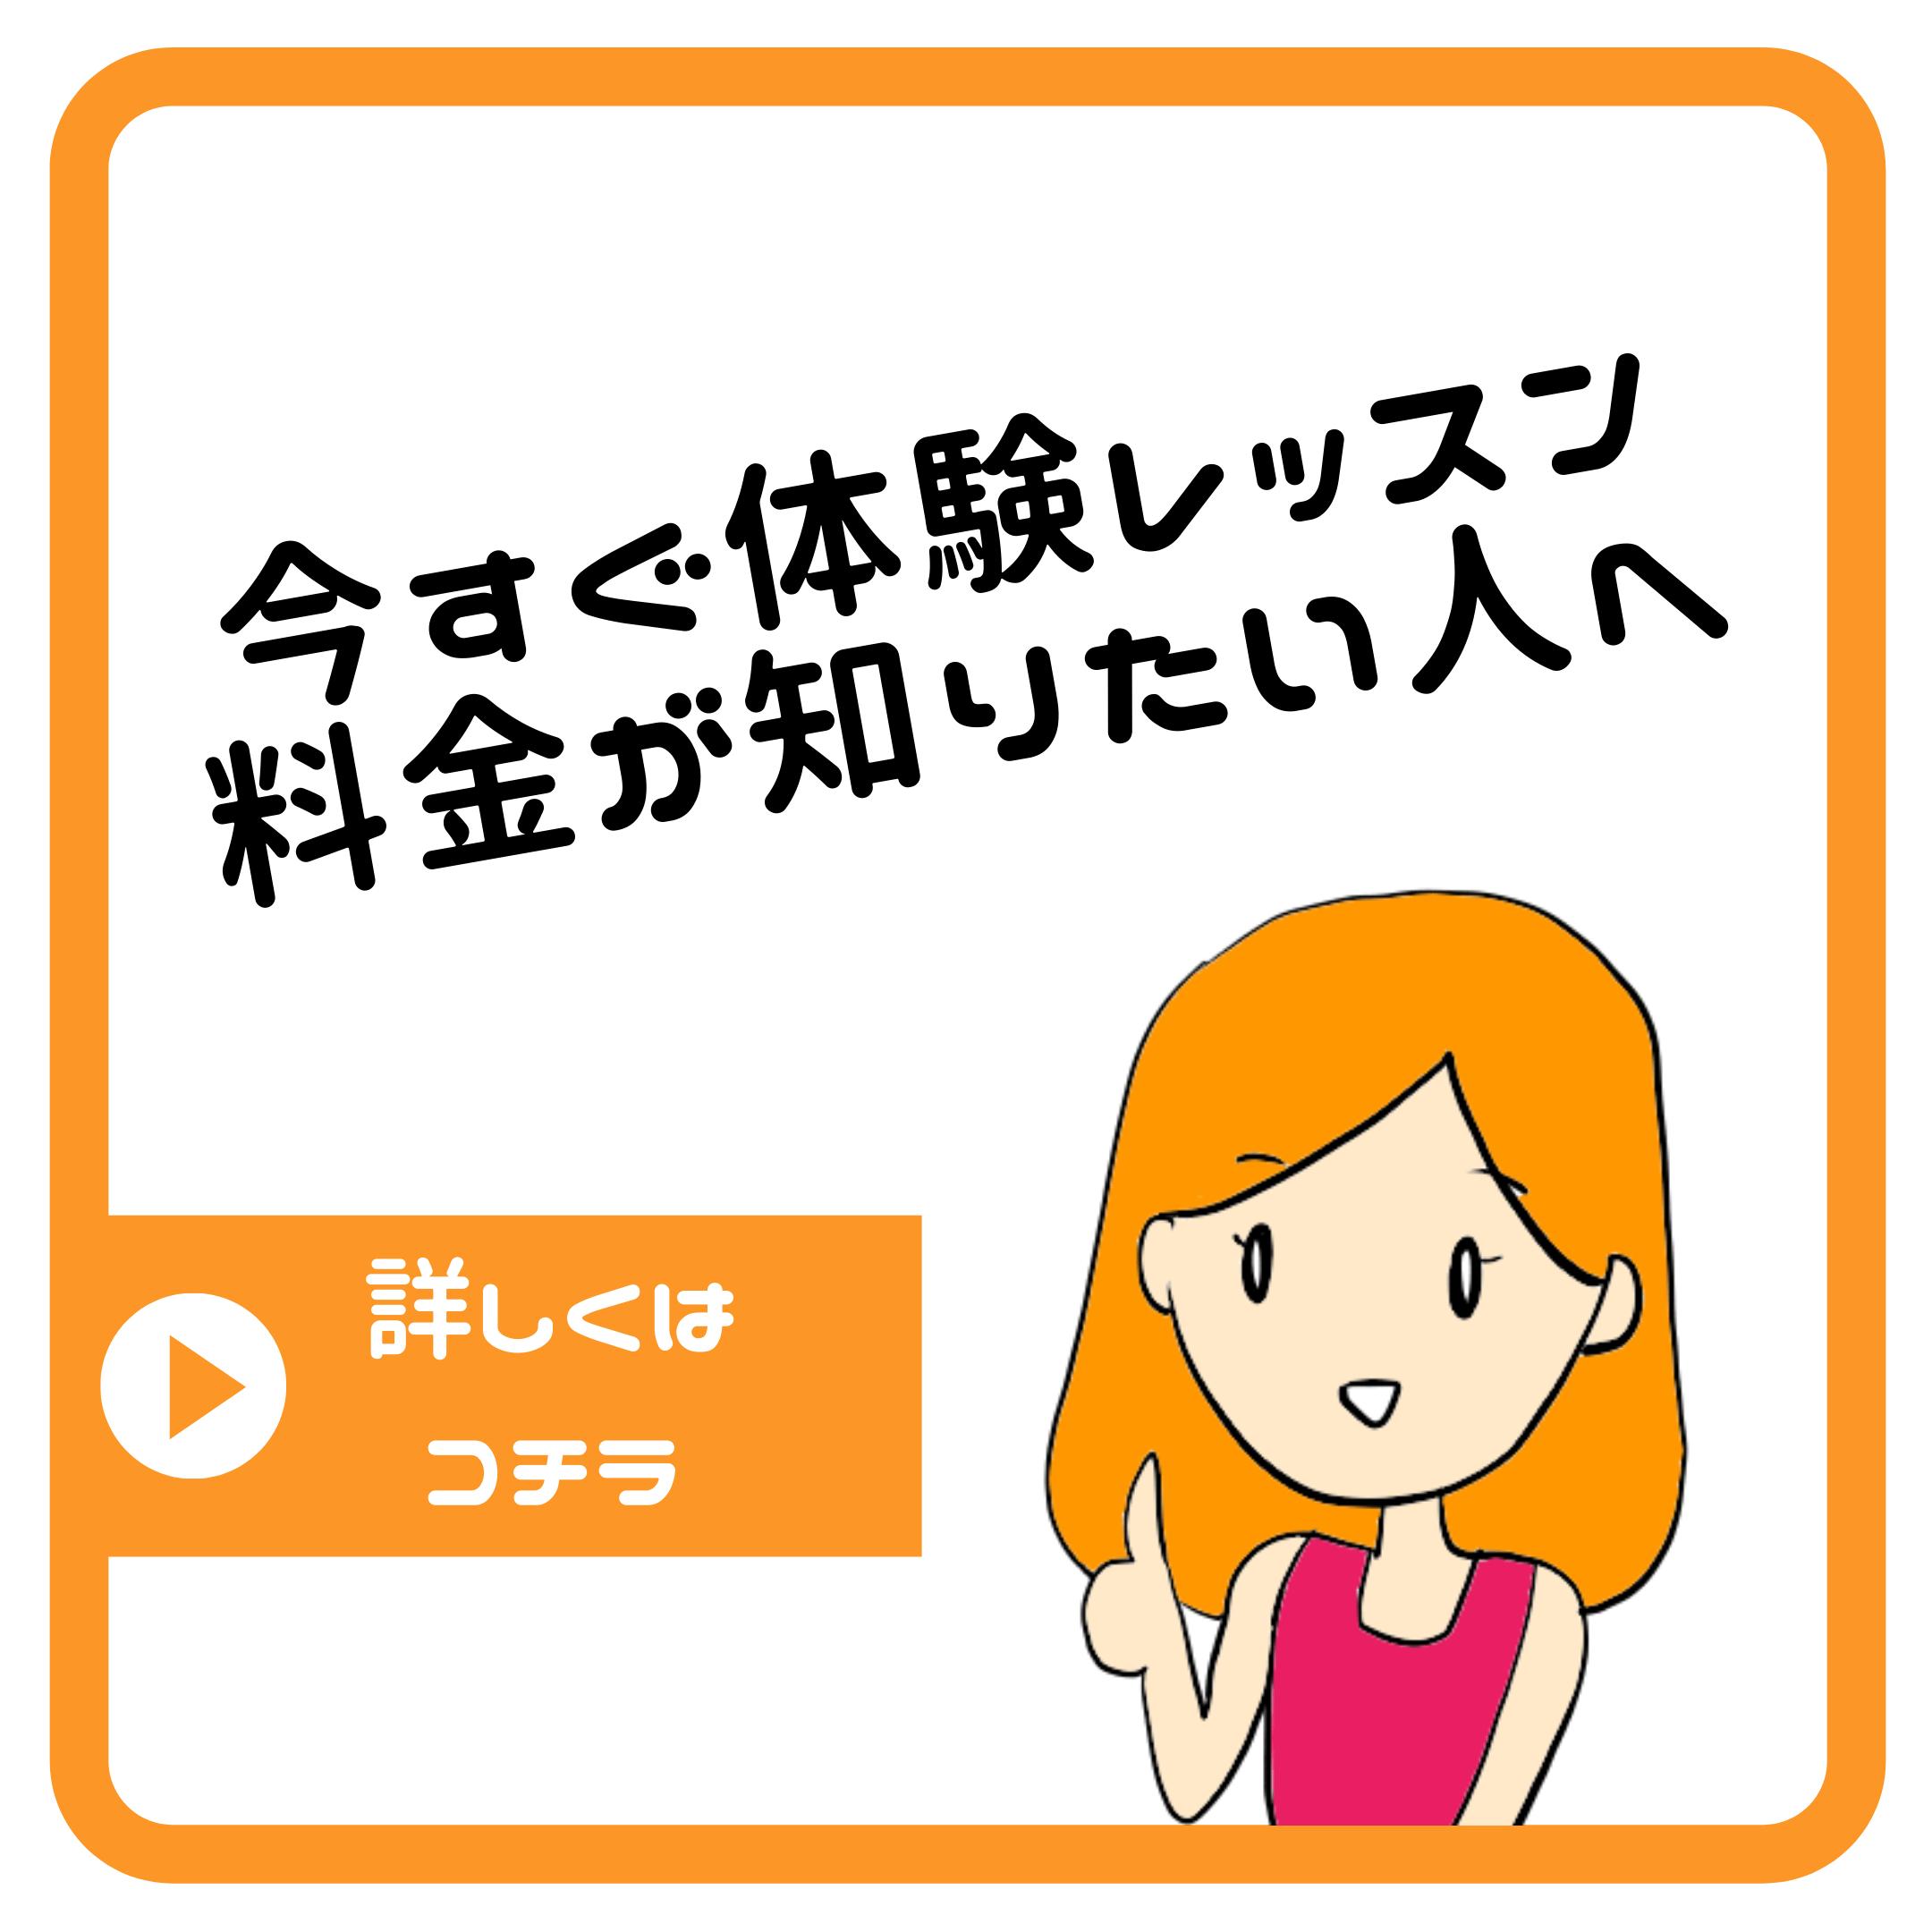 ラバ体験レッスン料金・京急LAVAR